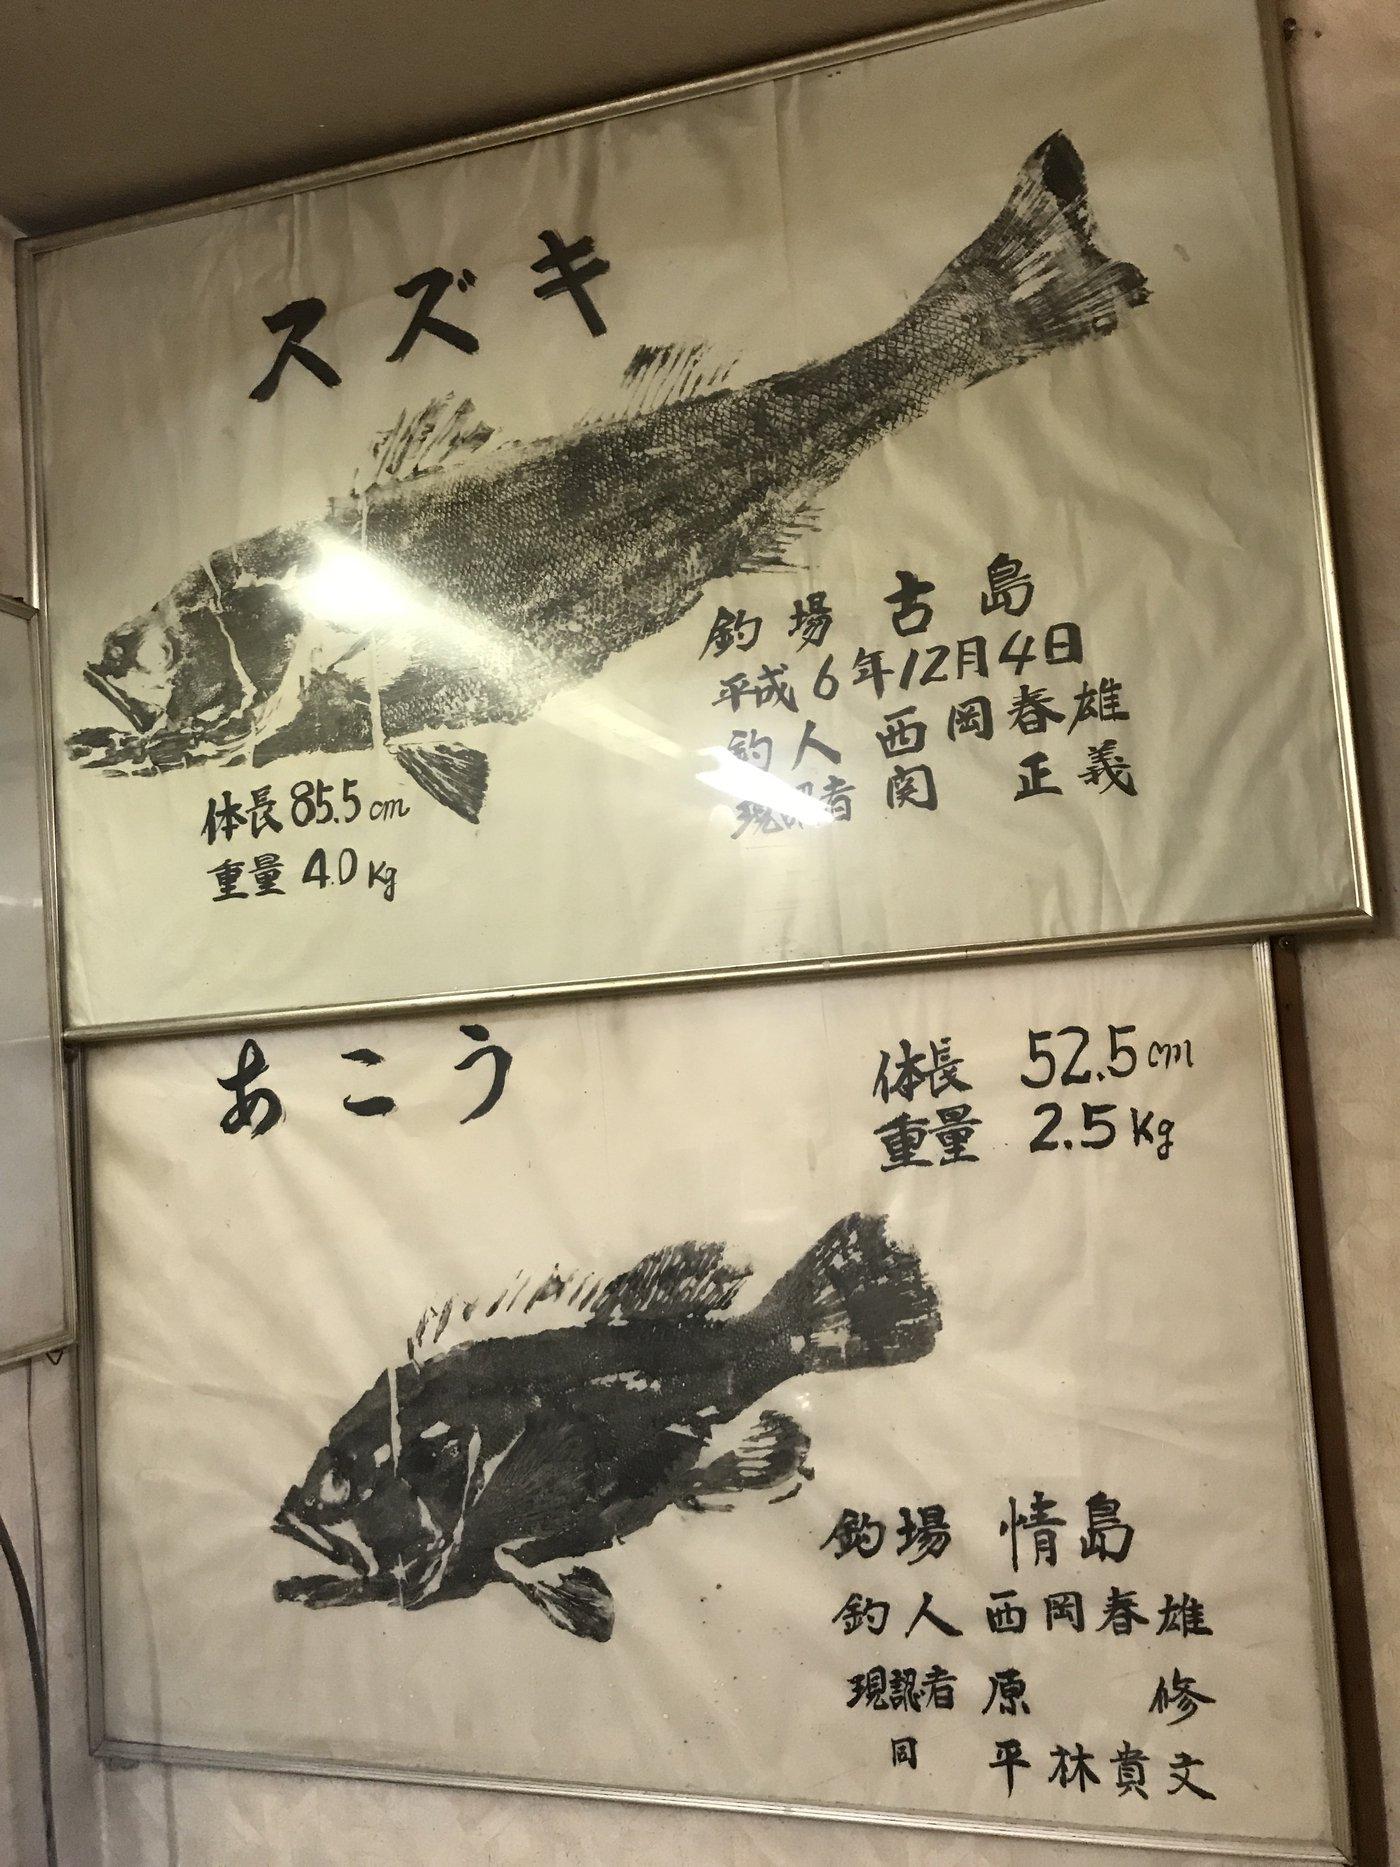 西岡春雄さんの投稿画像